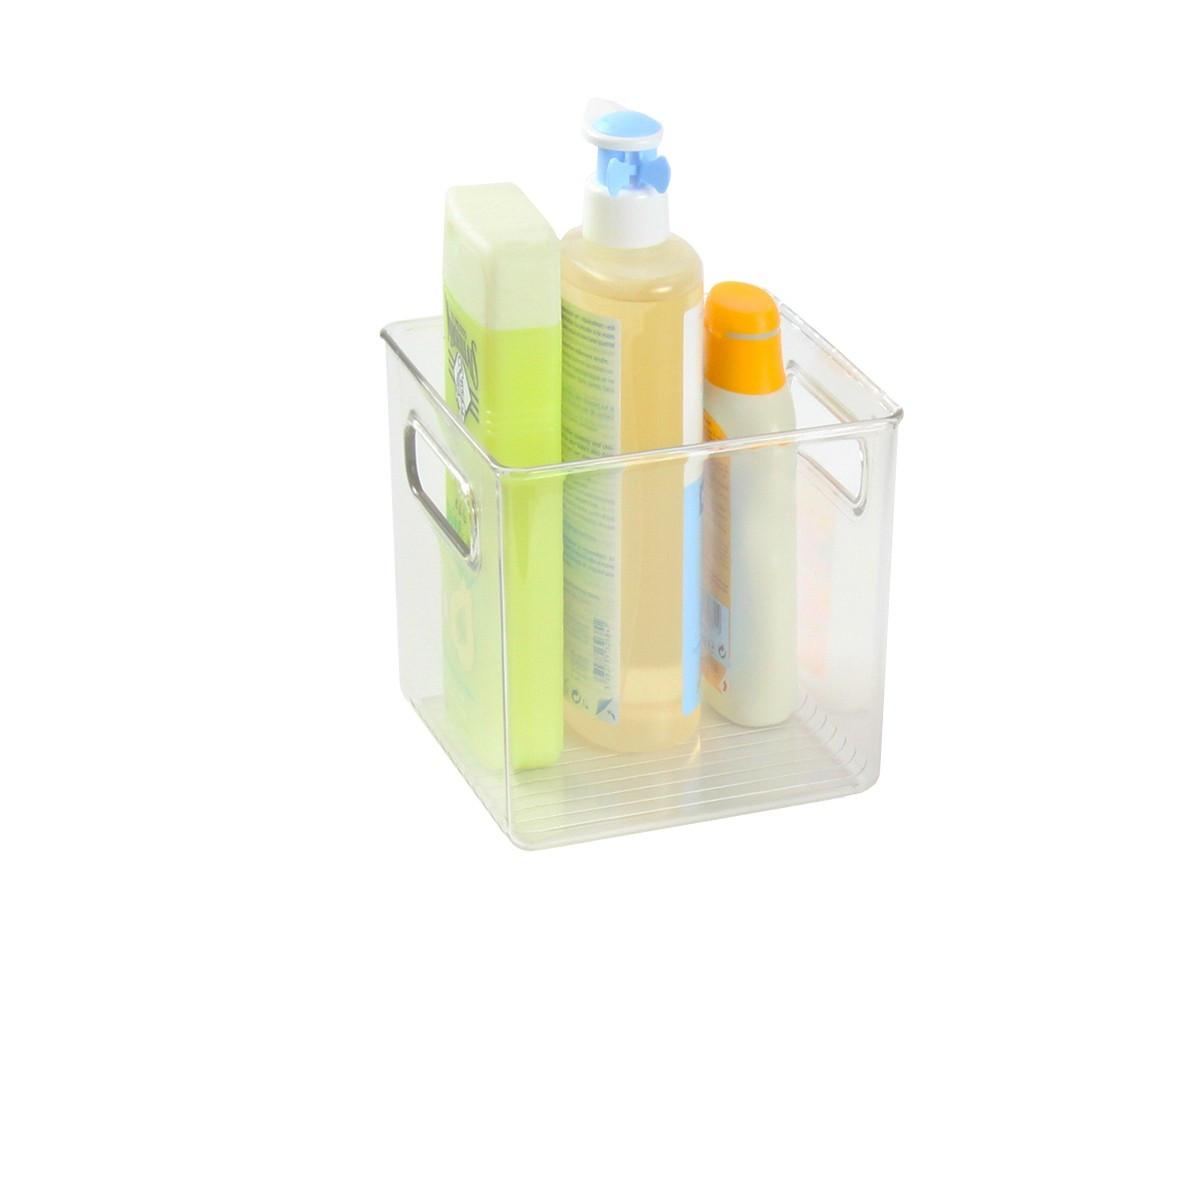 placard plastique organisateur placard transparent rangement cuisine bac pour placard. Black Bedroom Furniture Sets. Home Design Ideas